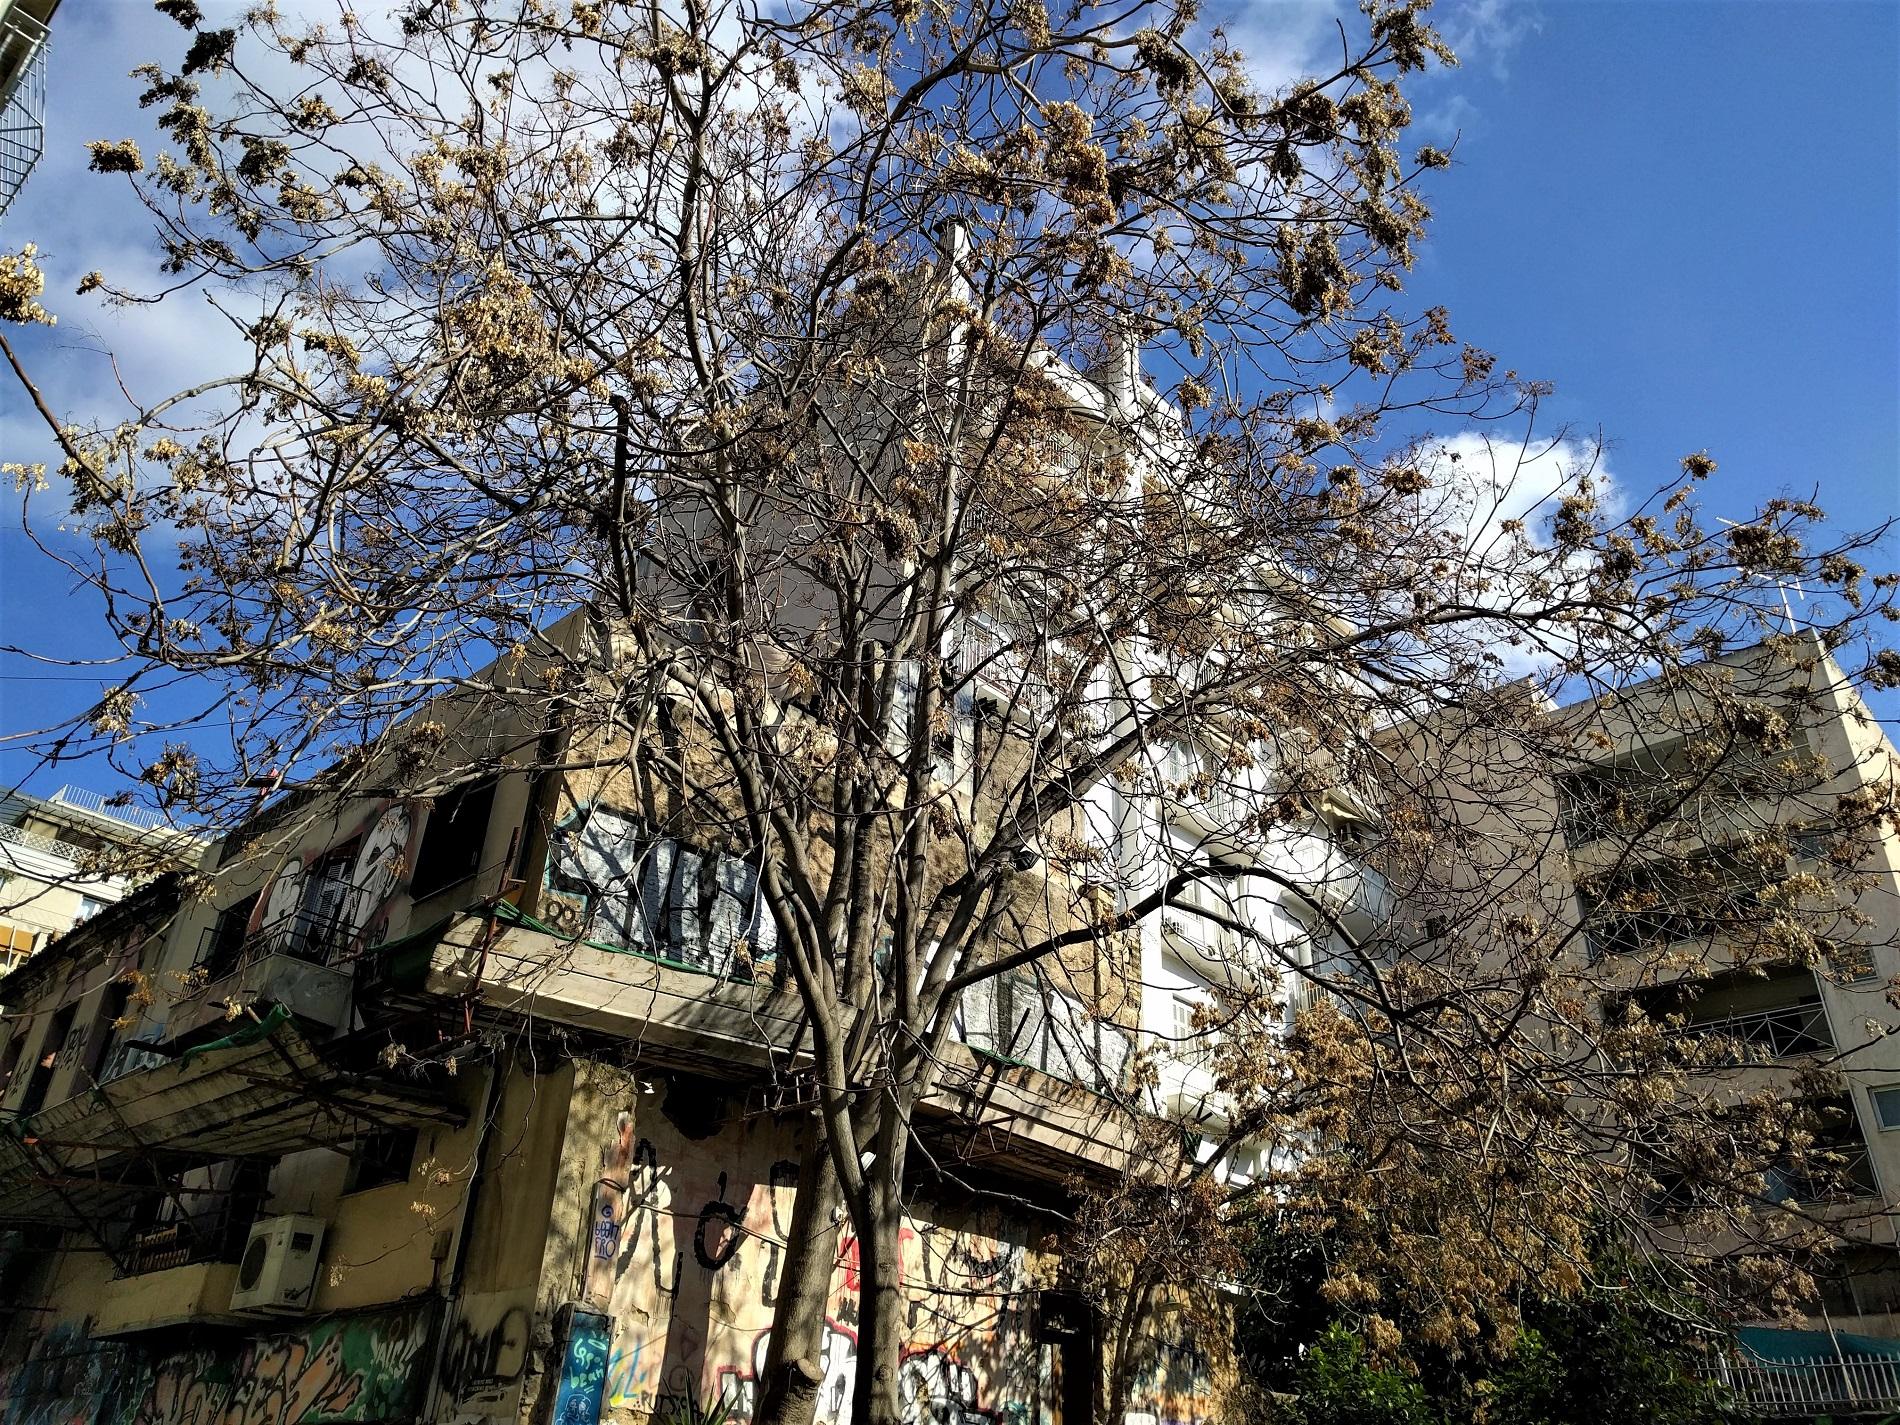 Στην εναλλακτική περιοχή των Εξαρχείων, στην Αθήνα. Πηγή: Truevoyagers